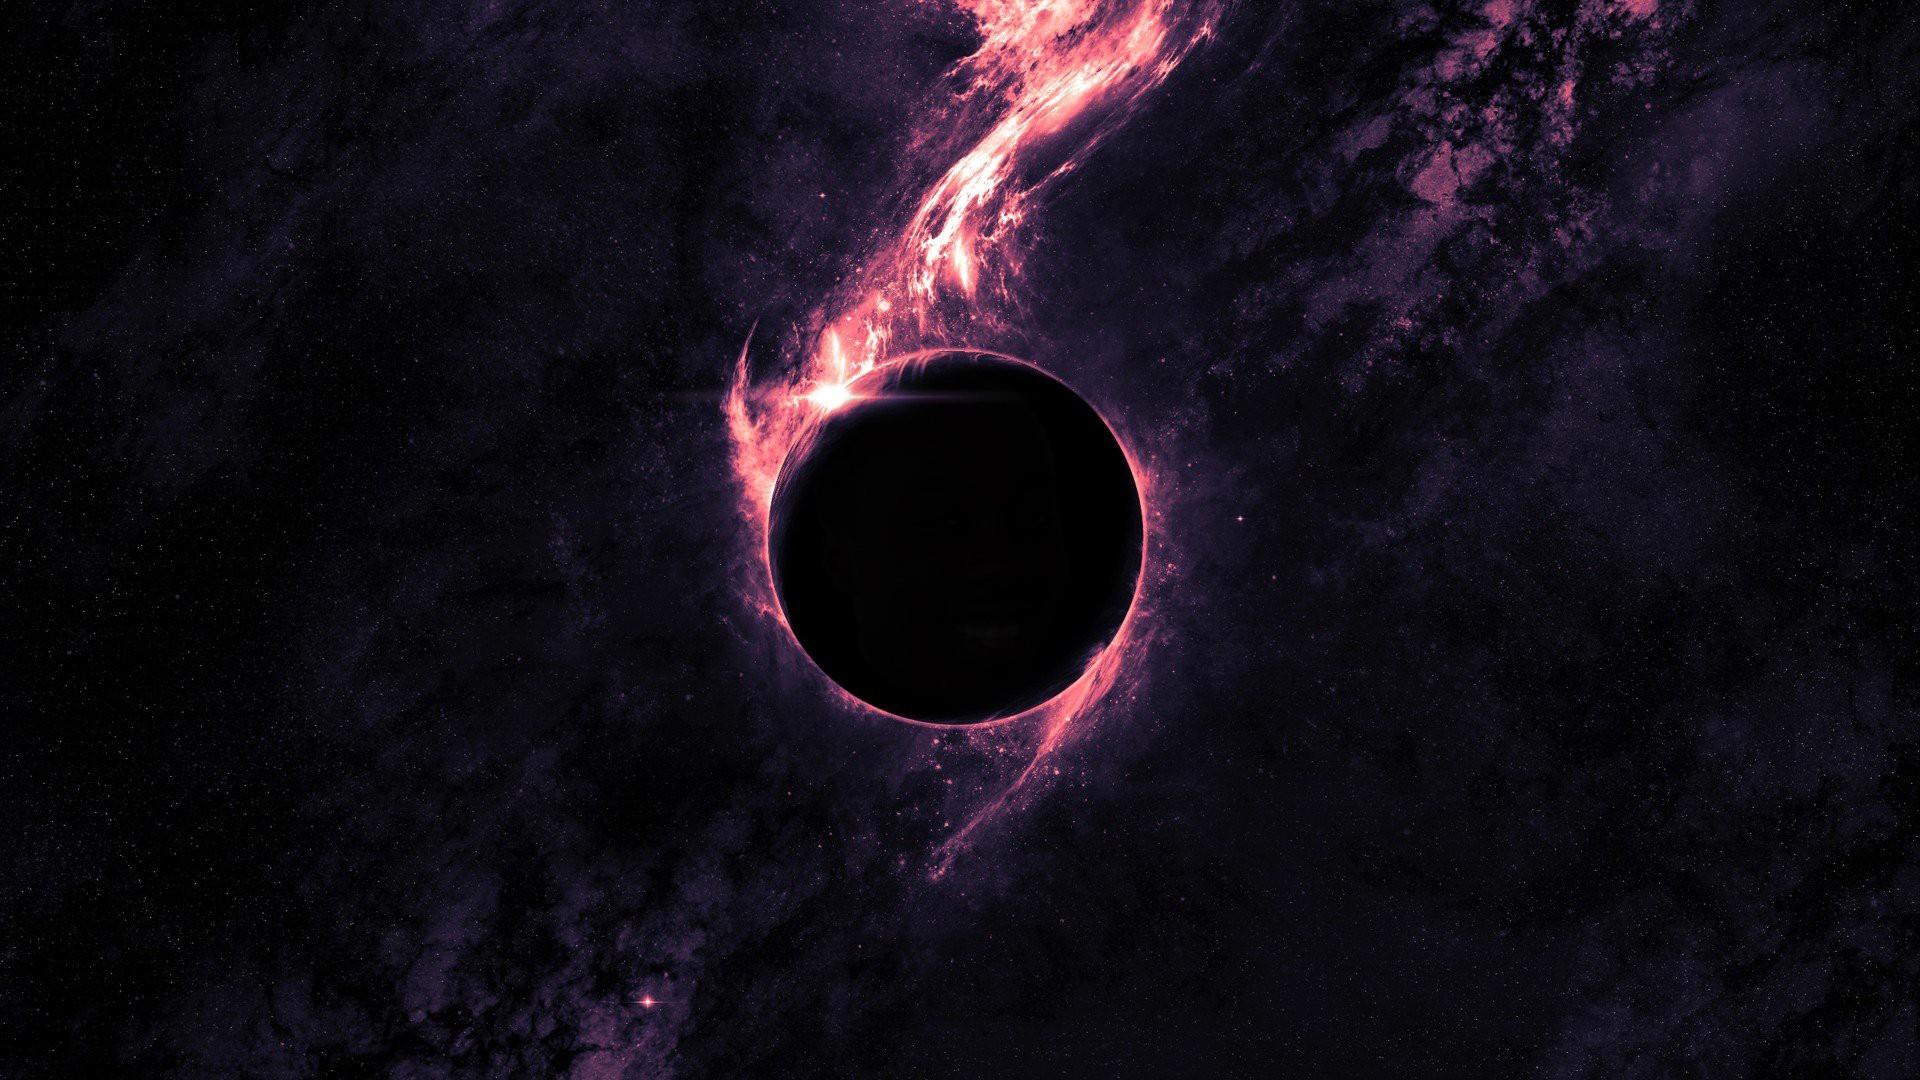 Hình nền vũ trụ huyền bí